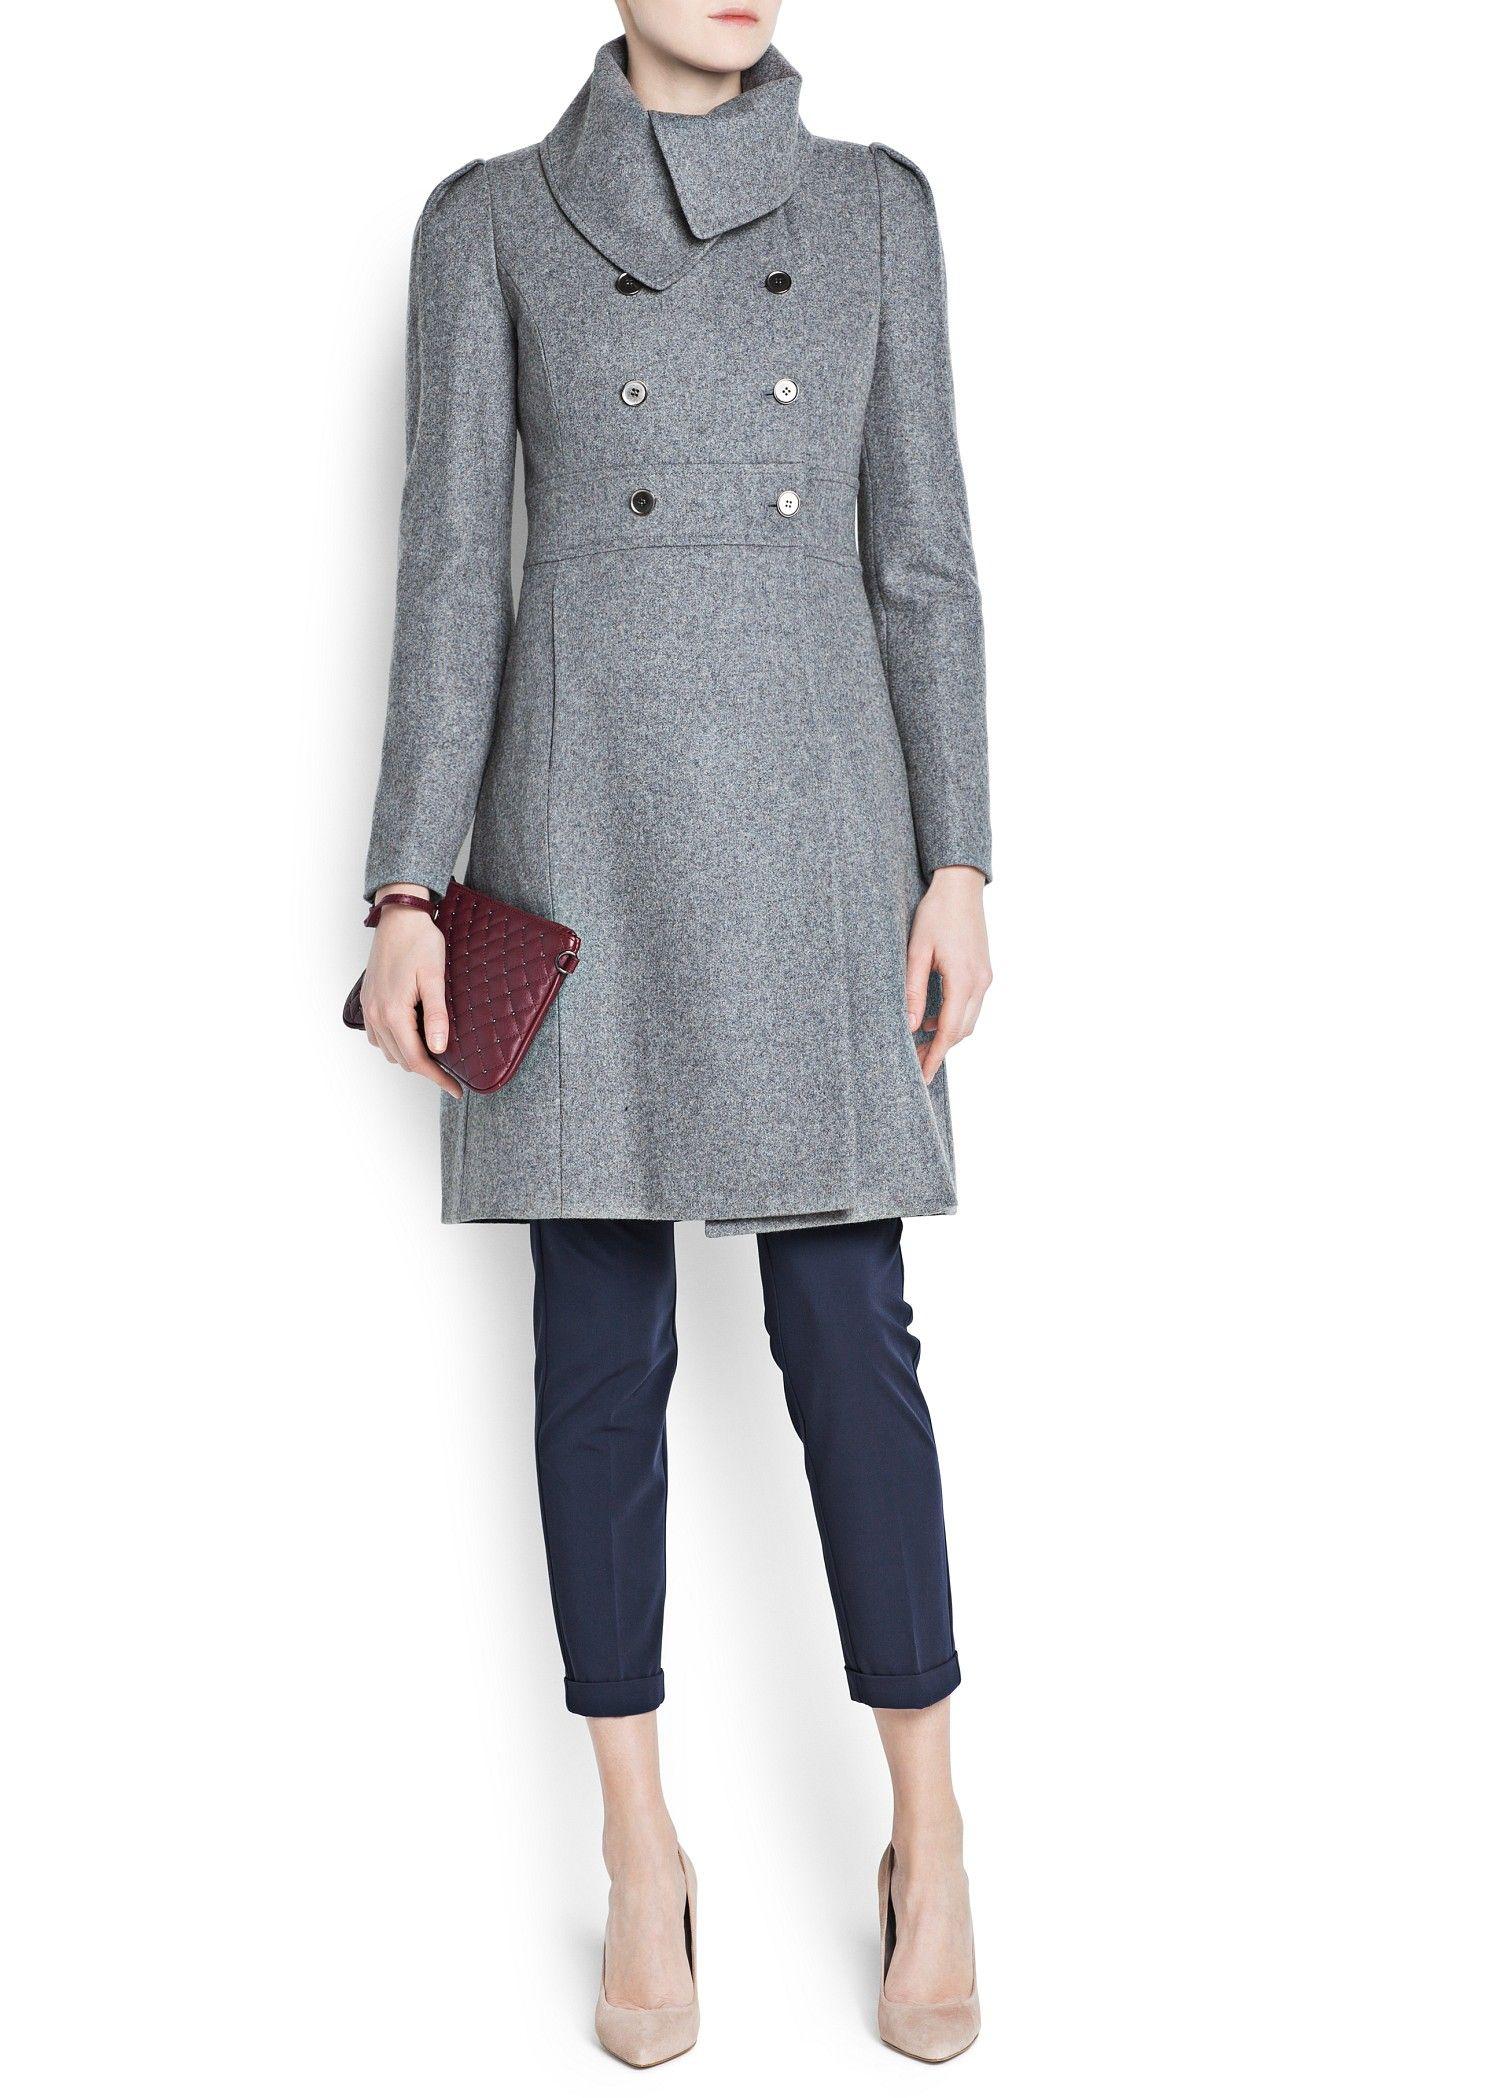 9f524b8c0b41 Manteau pour femme en laine grise - MANGO - Mode   Women s Fashion ...